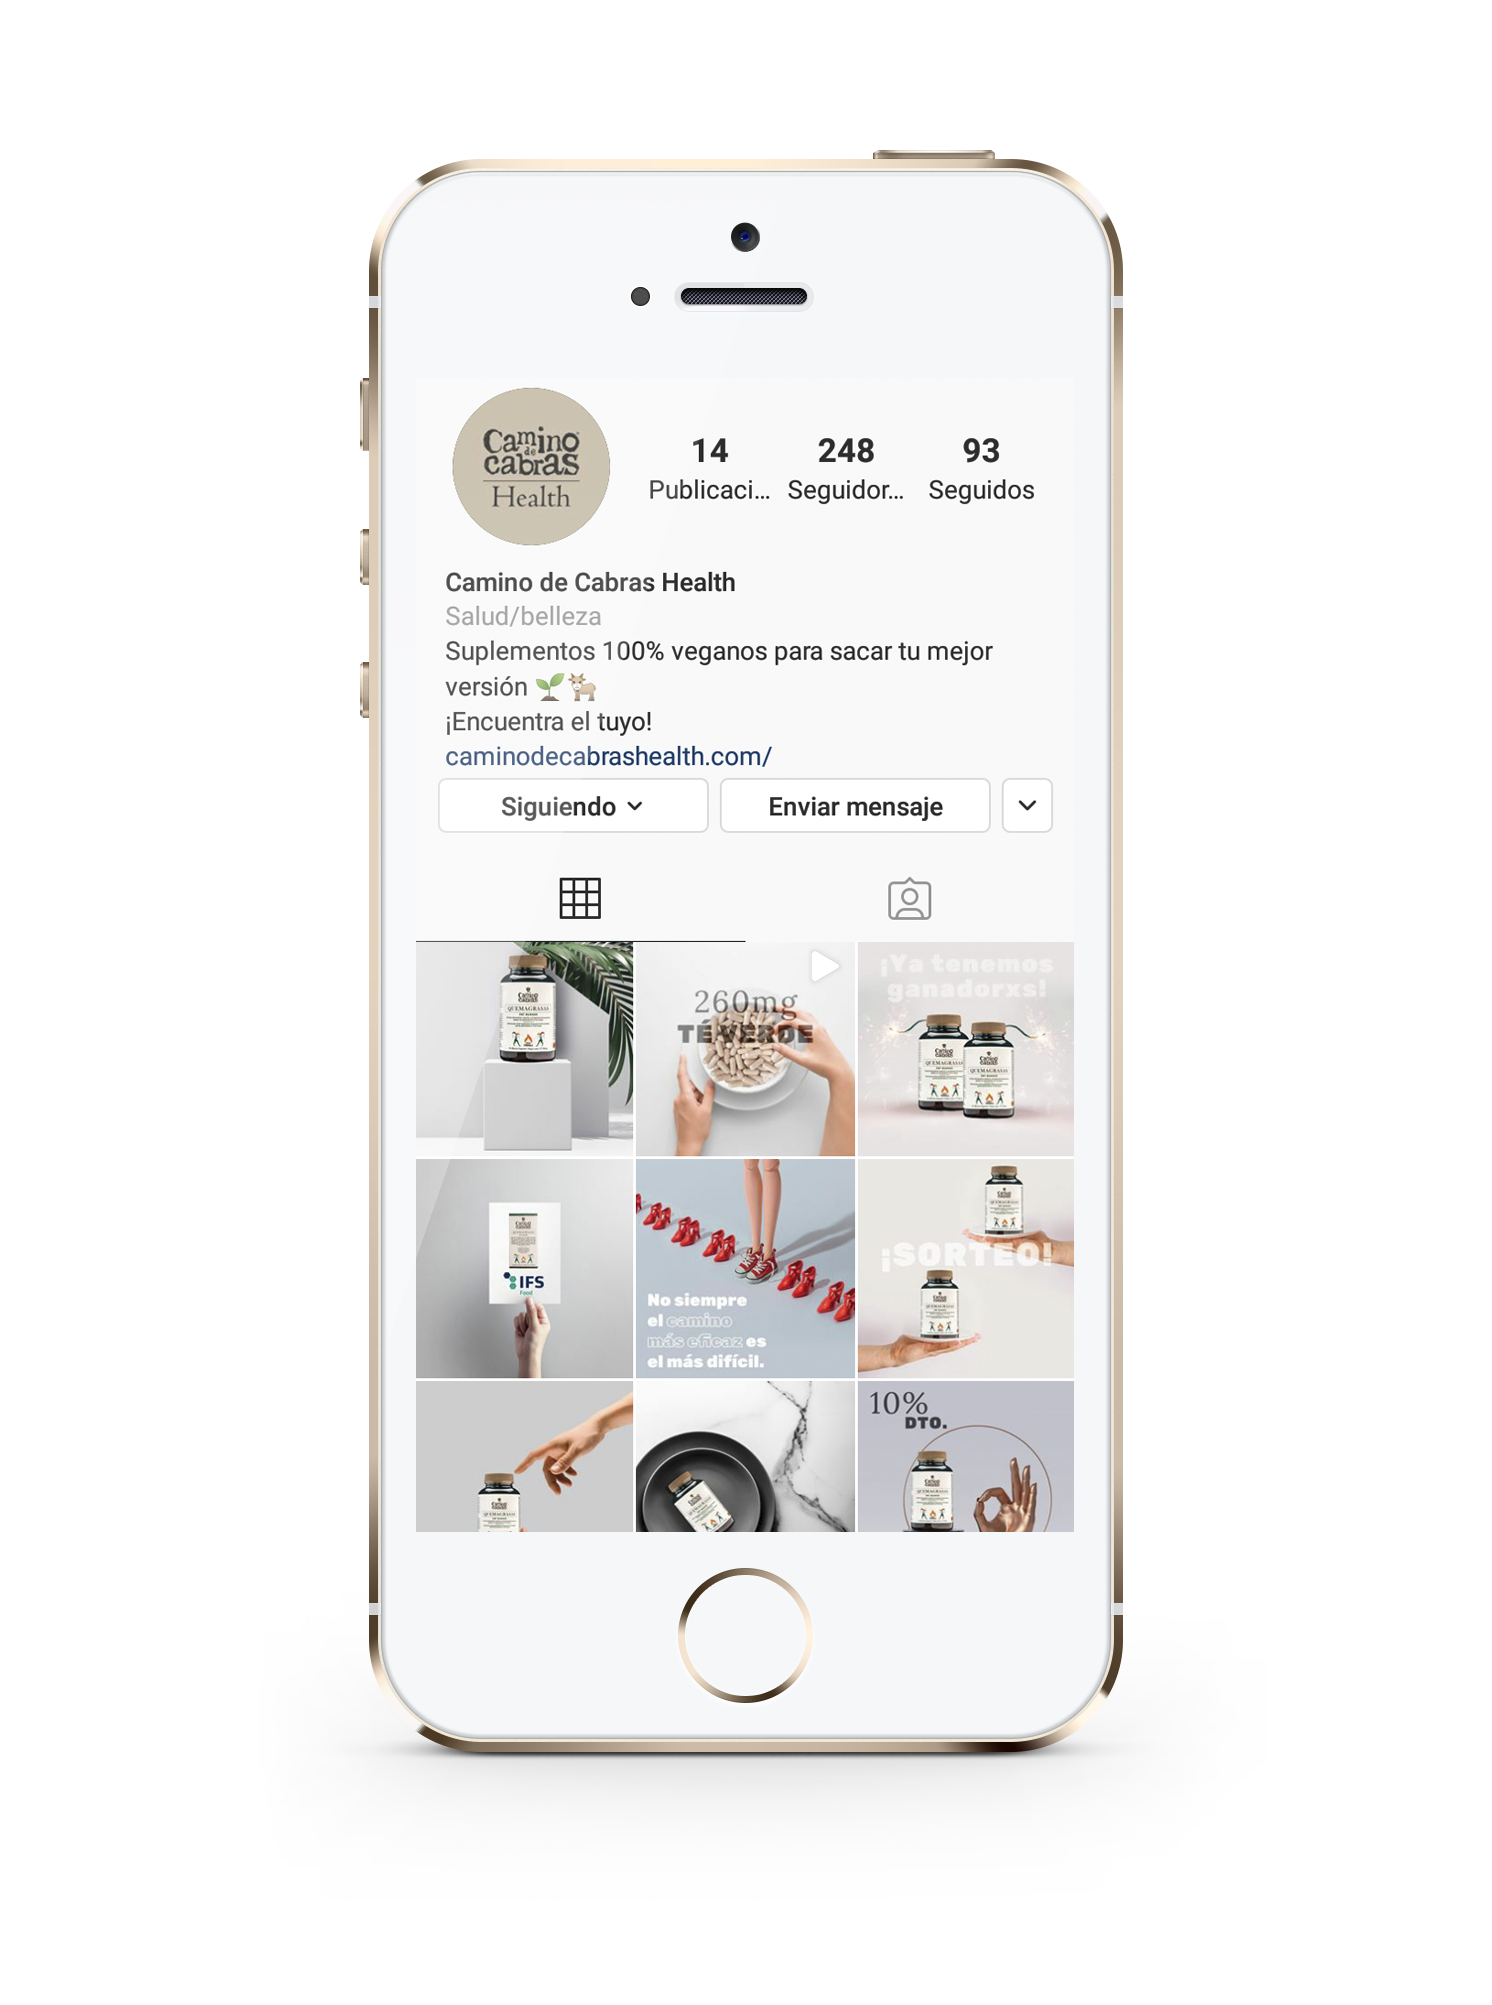 Estrategia Digital Camino de Cabras Health - Creación de Sitios Web